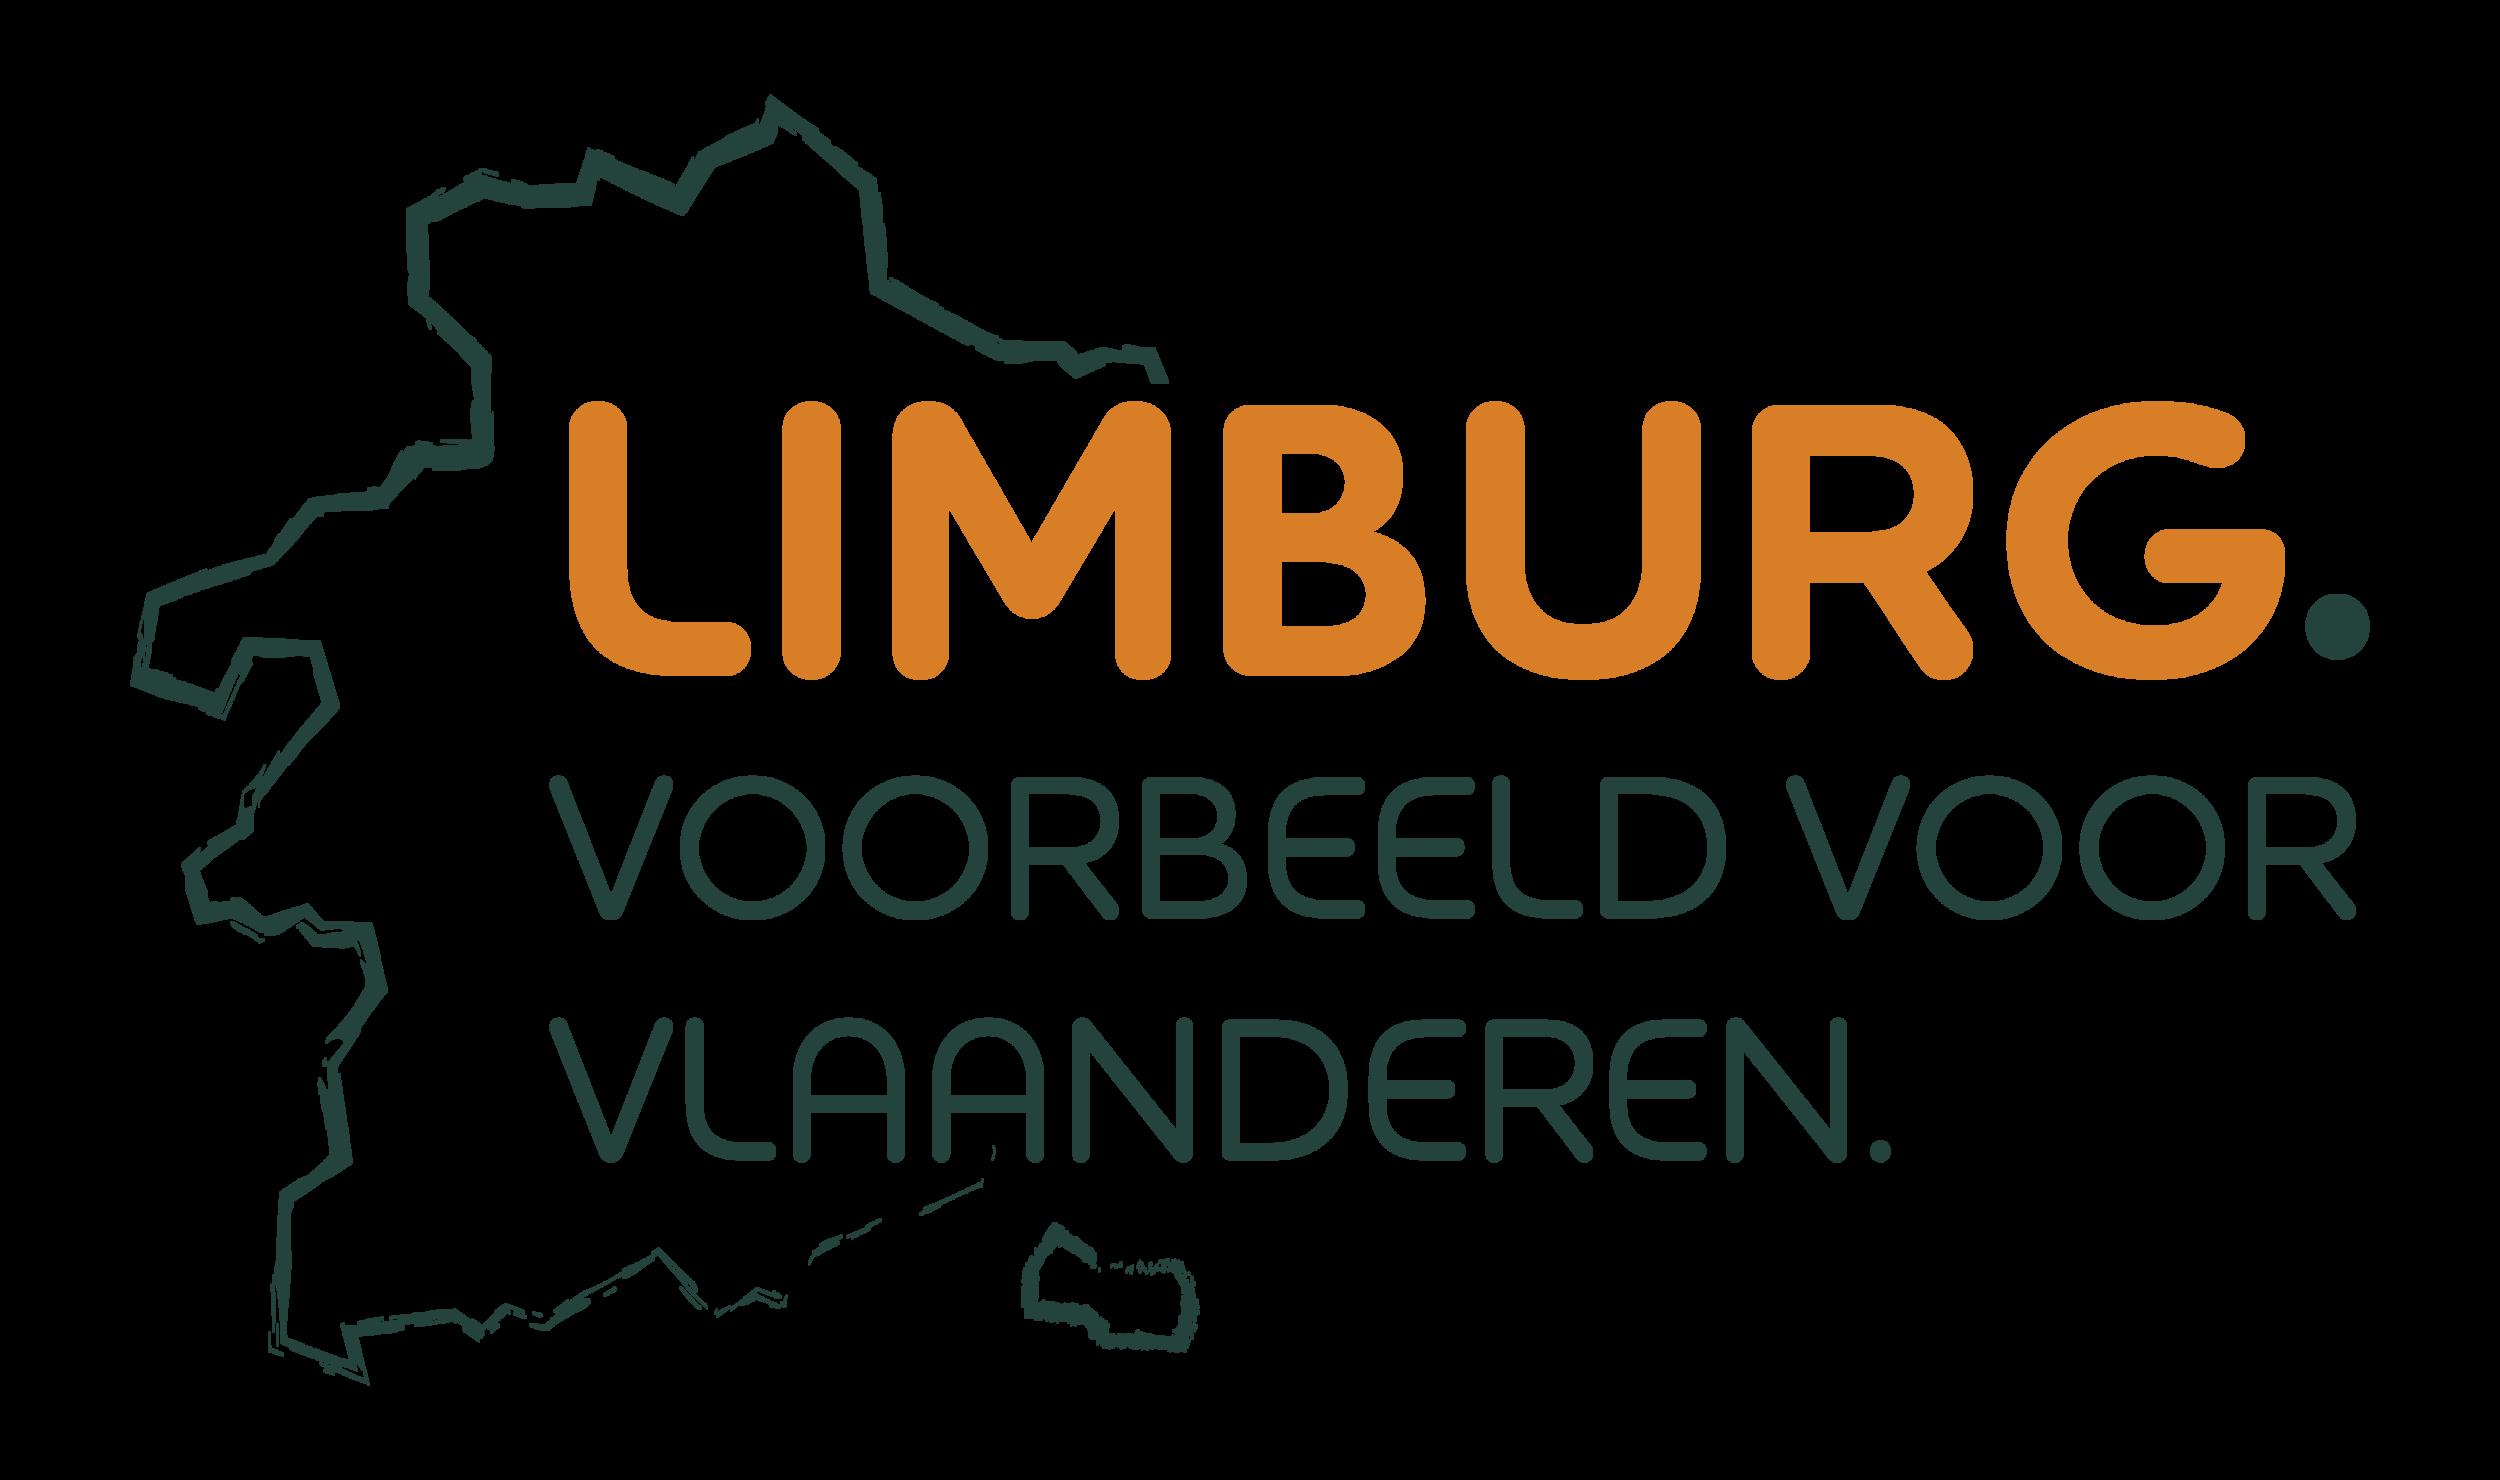 Limburg voorbeeld voor vlaanderen.png